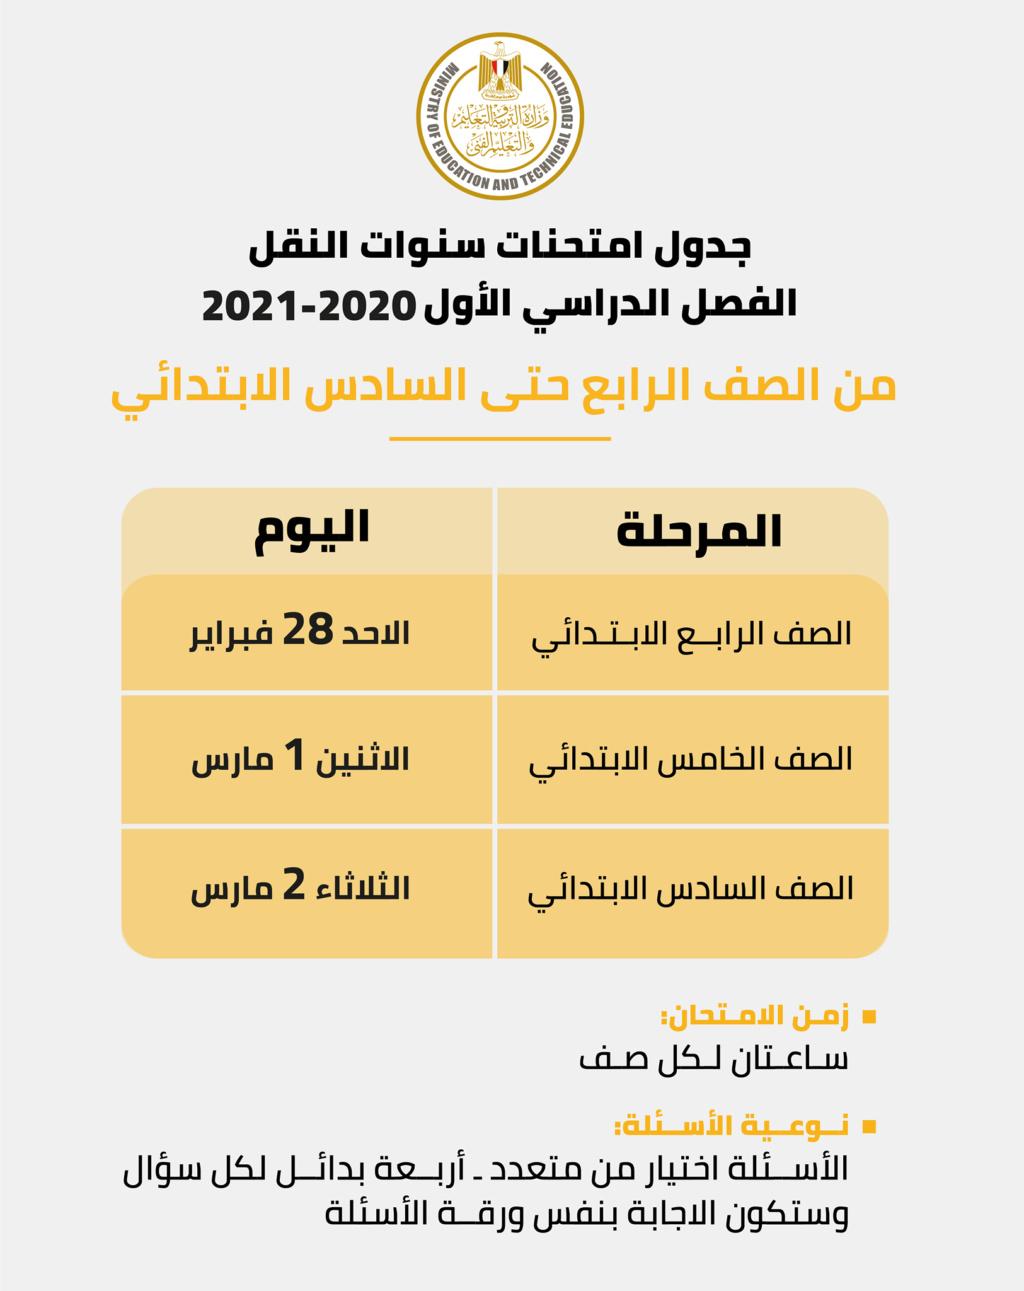 ملخص قرارات الوزير والمؤتمر 18 فبراير 2021 15170710